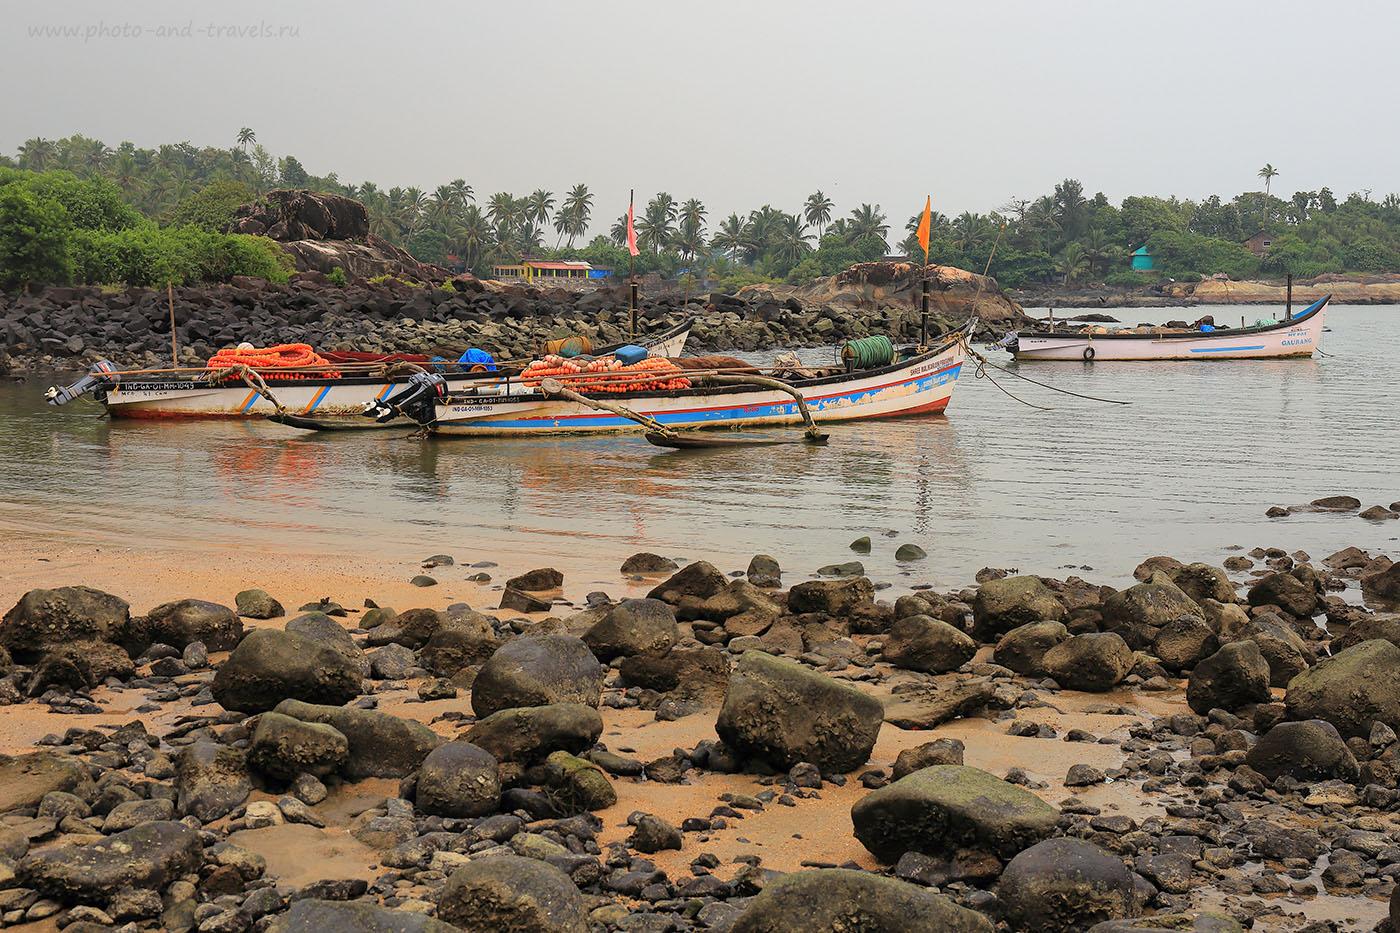 Фото 17. Лодки. Отдых в Южном Гоа в октябре. Как выглядит море в Индии в несезон (24-70, 1/160, 0eV, f9, 41mm, ISO 100)